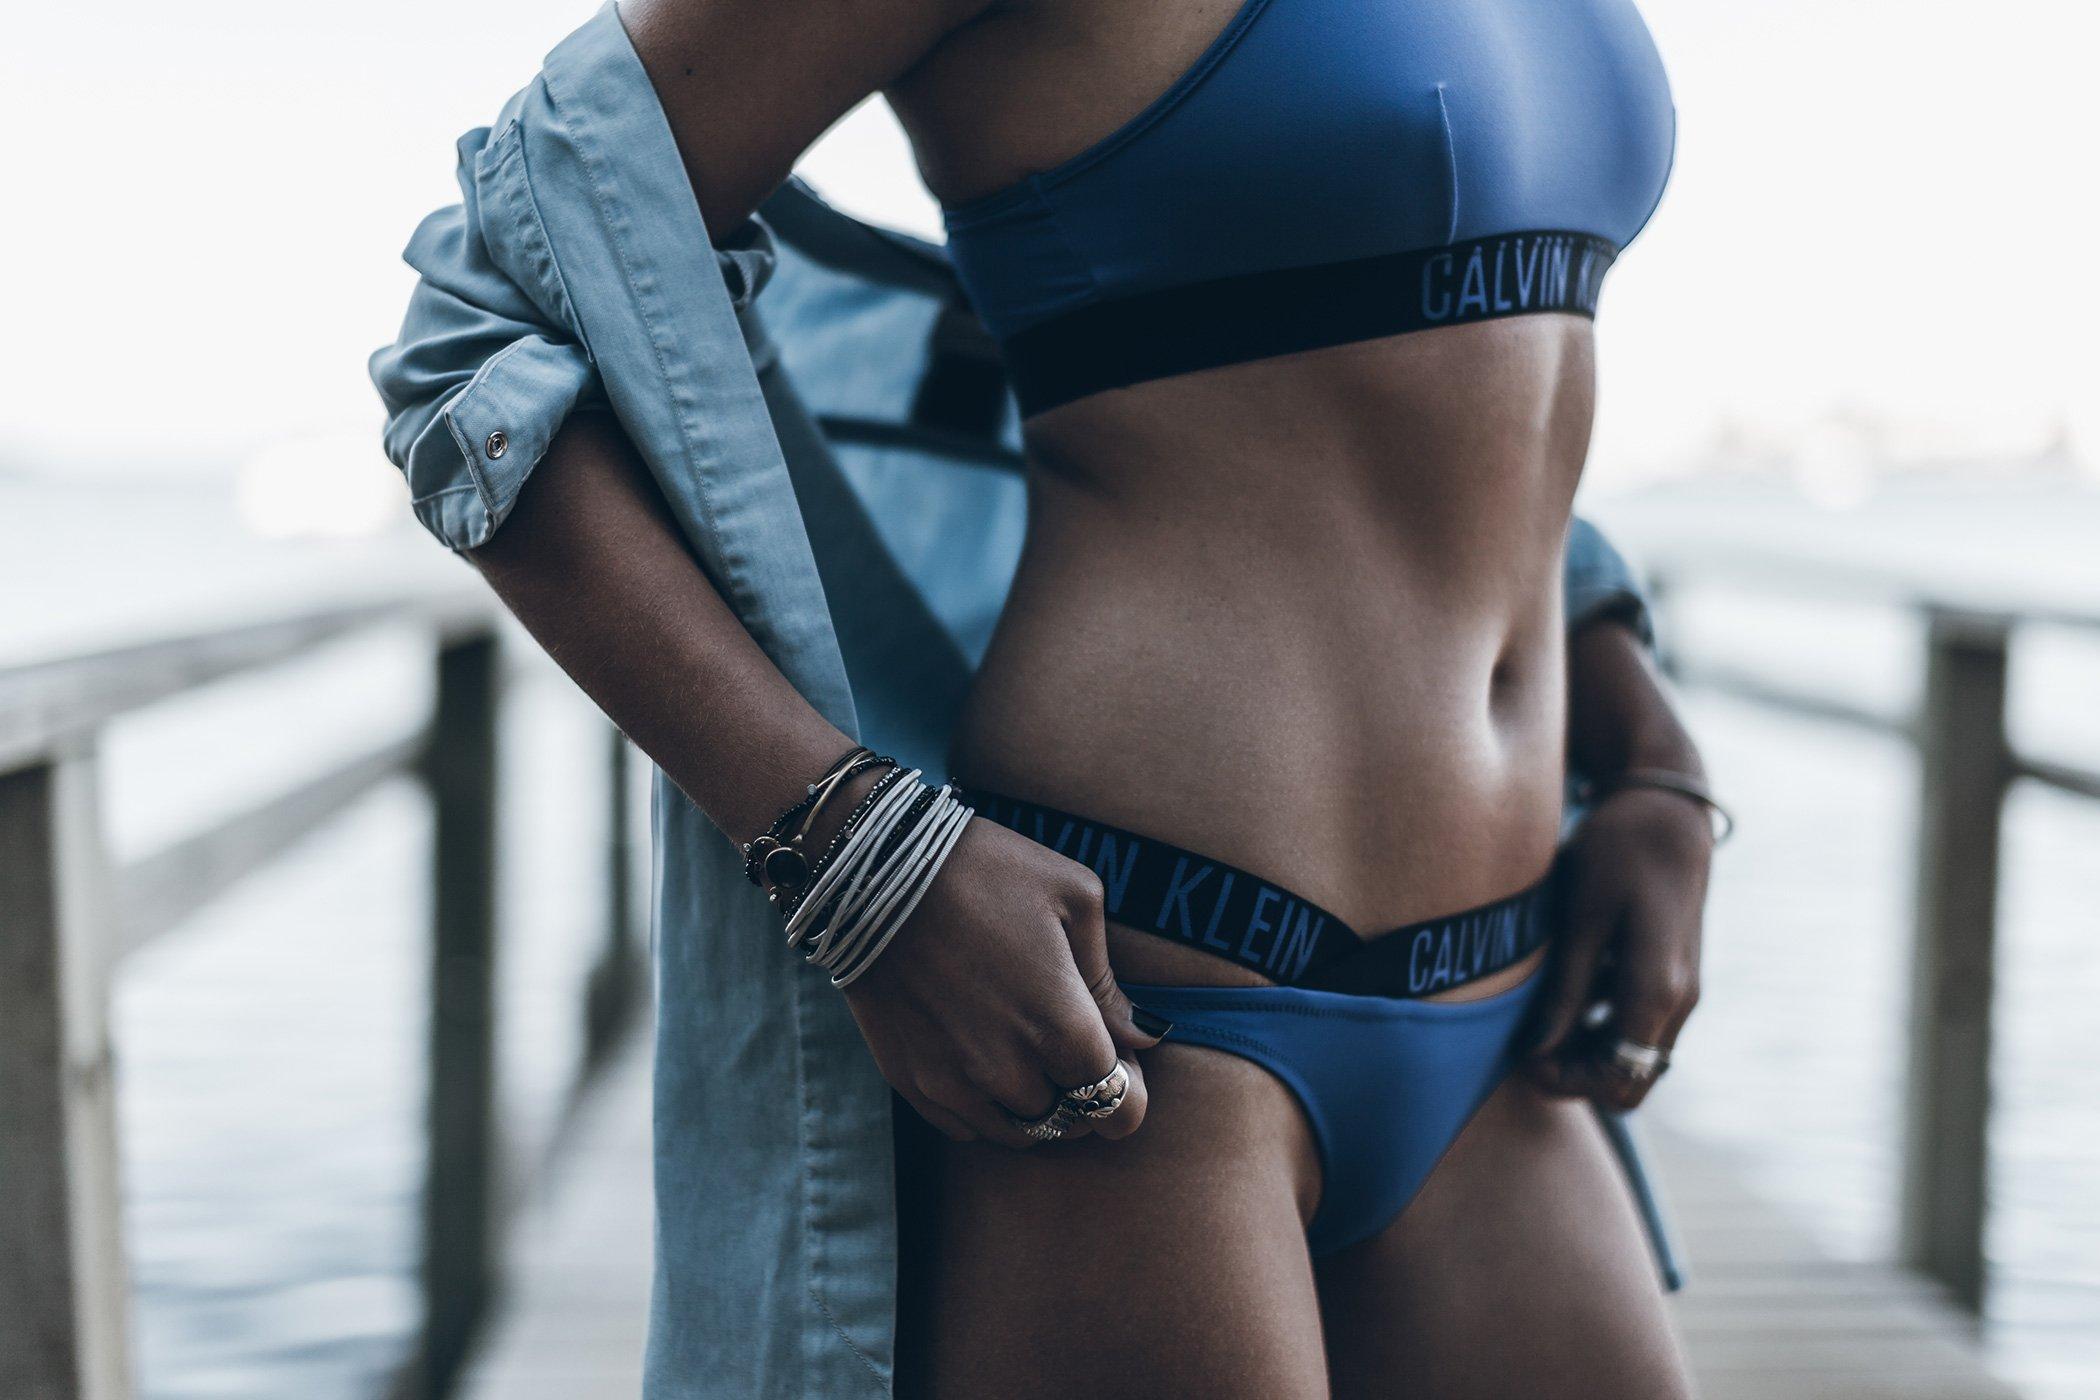 mikuta-calvin-klein-bikini-2